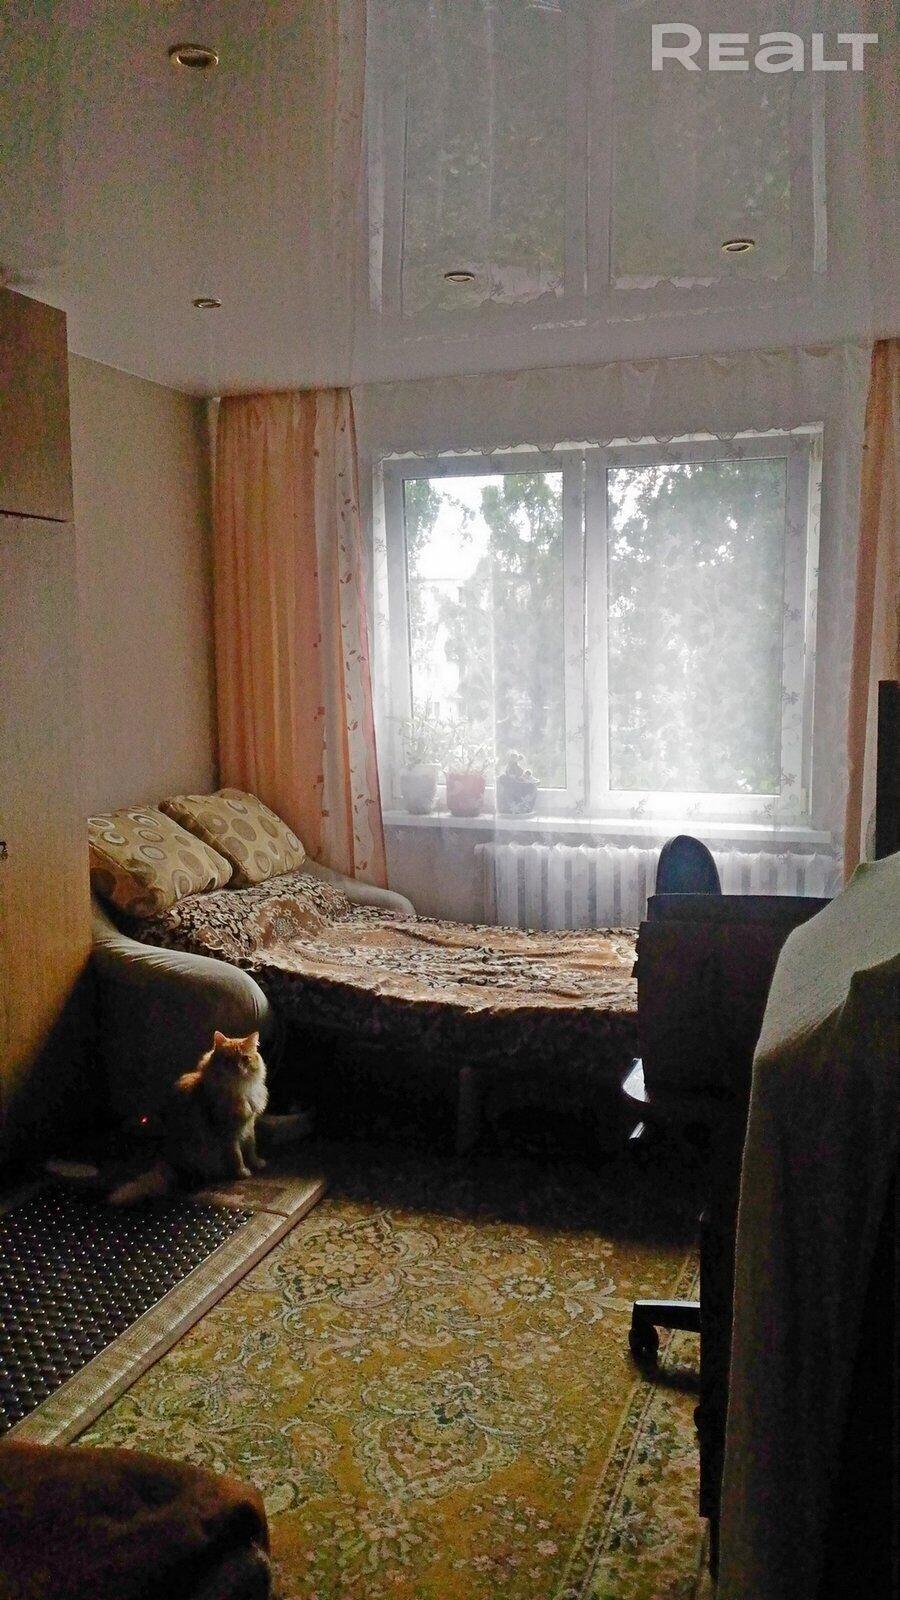 Продажа 2-х комнатной квартиры в г. Минске, ул. Пономарева, дом 4-а (р-н Военный городок (Великий лес)). Цена 144 652 руб c торгом